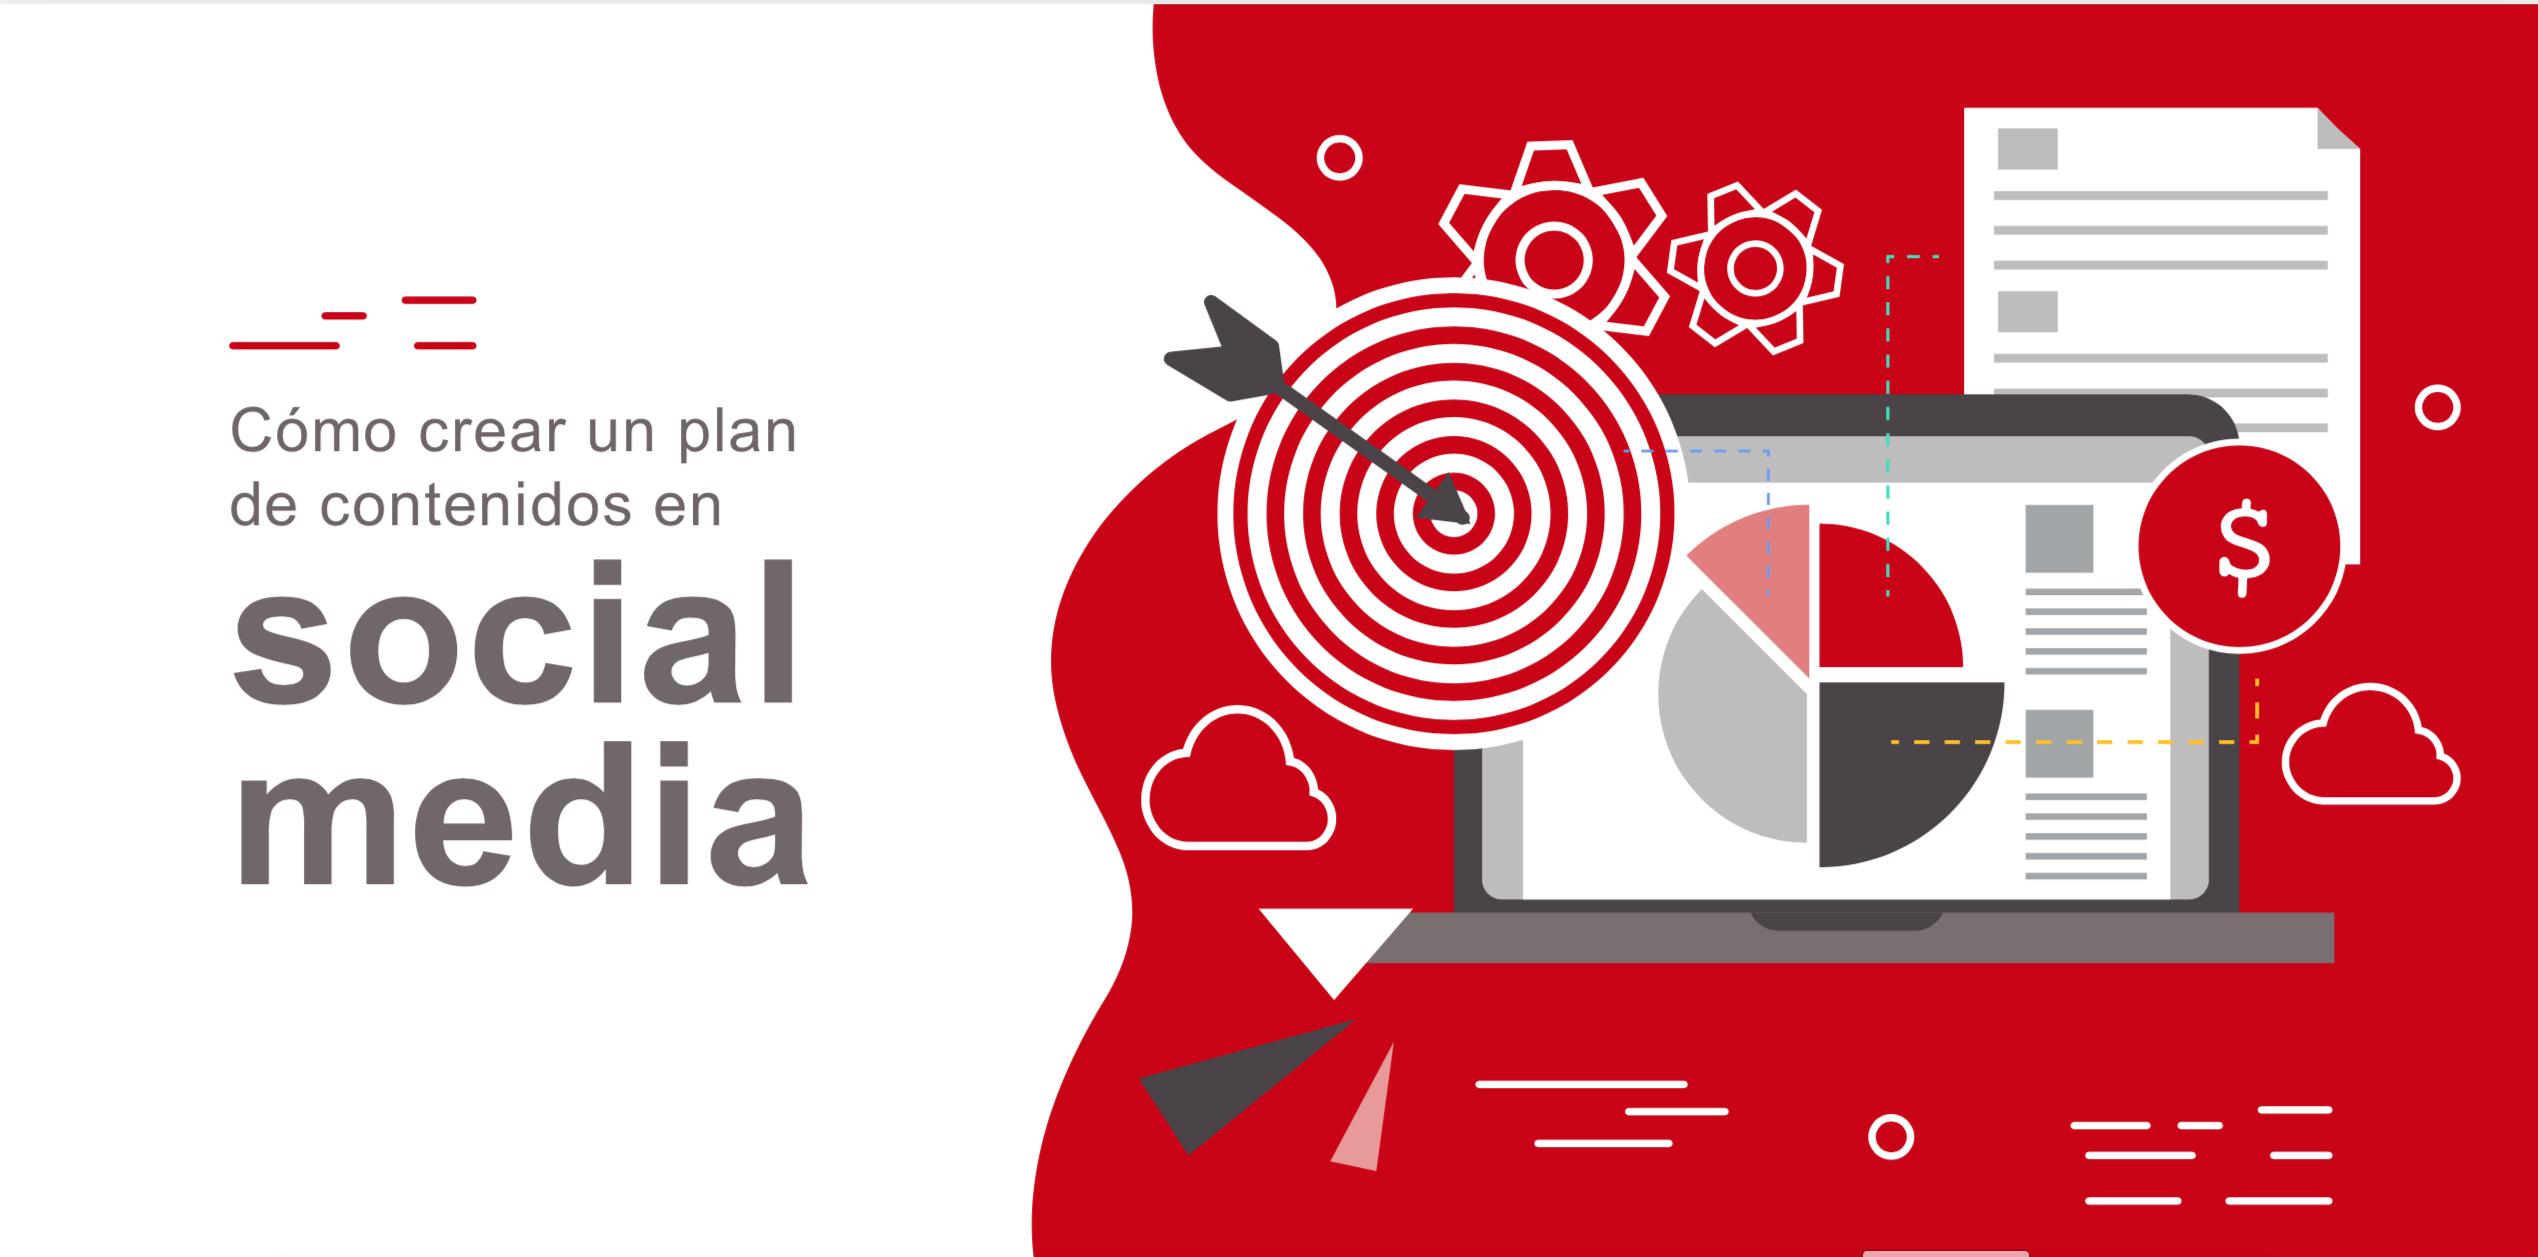 Cómo crear un plan de contenidos en social media